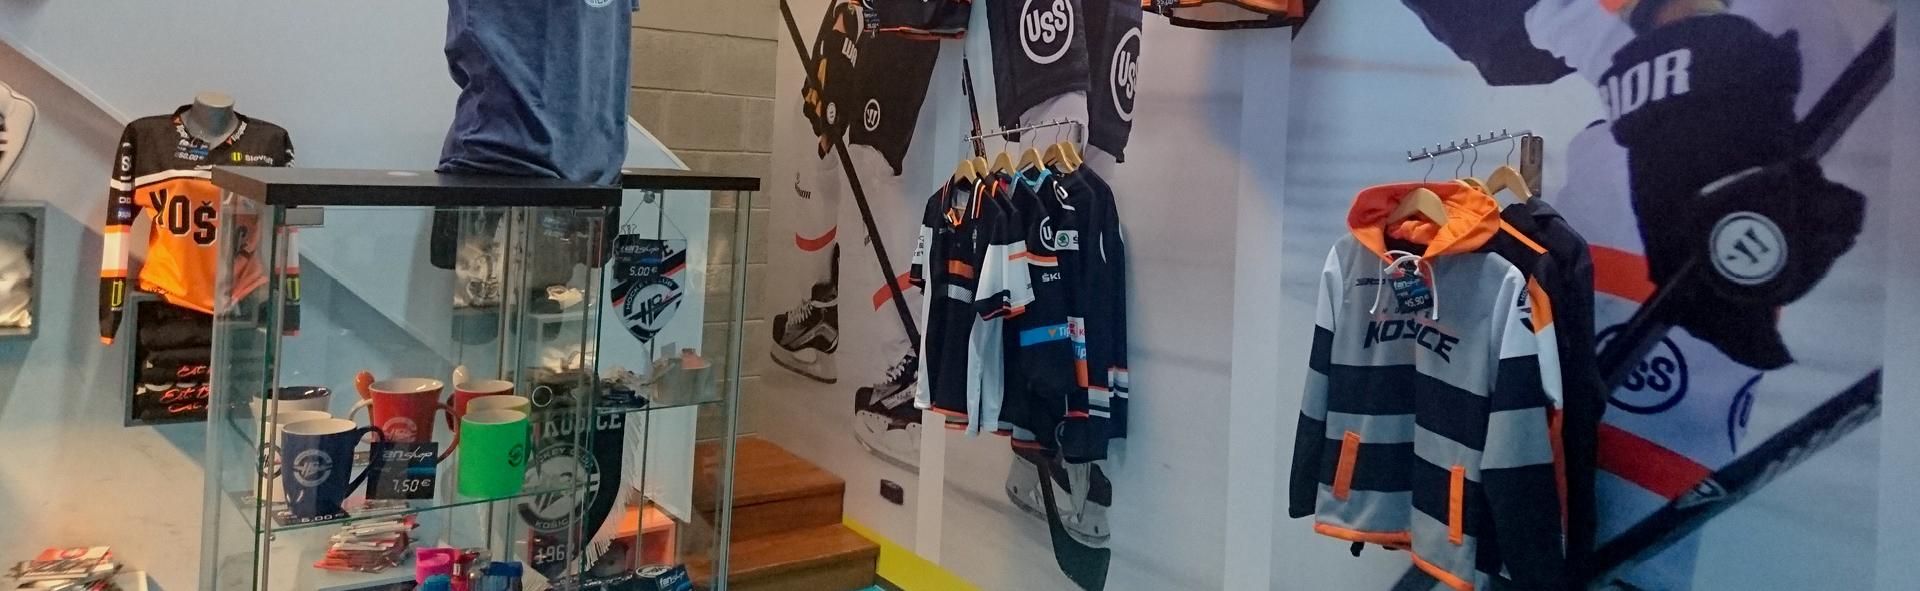 07d02055e5b4 Fanshop HC Košice